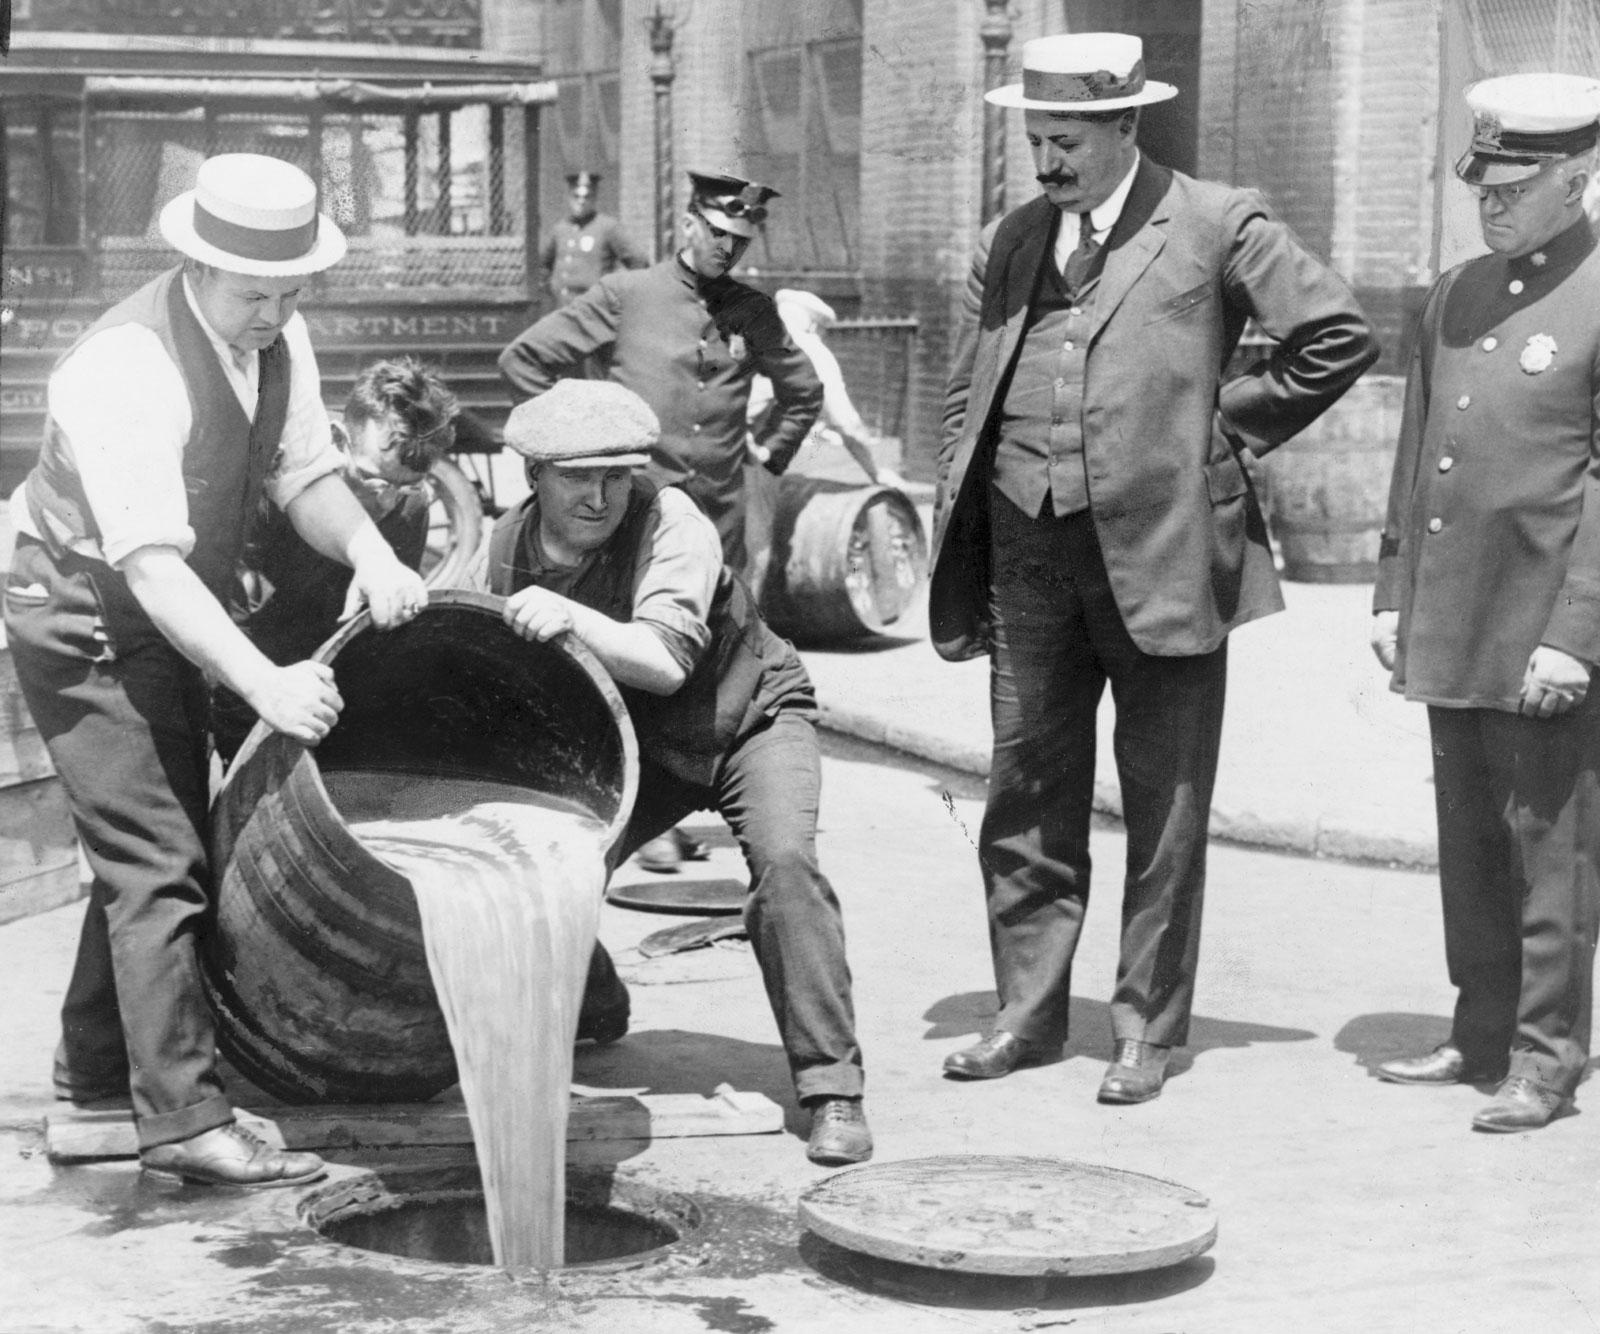 Britannica / New York World-Telegram and the Sun Newspaper Photograph Collection/Library of Congress, Washington, D.C.-New York City őrmester felügyeli, ahogy egy hordó likőrt öntenek a csatornába (c. 1920)